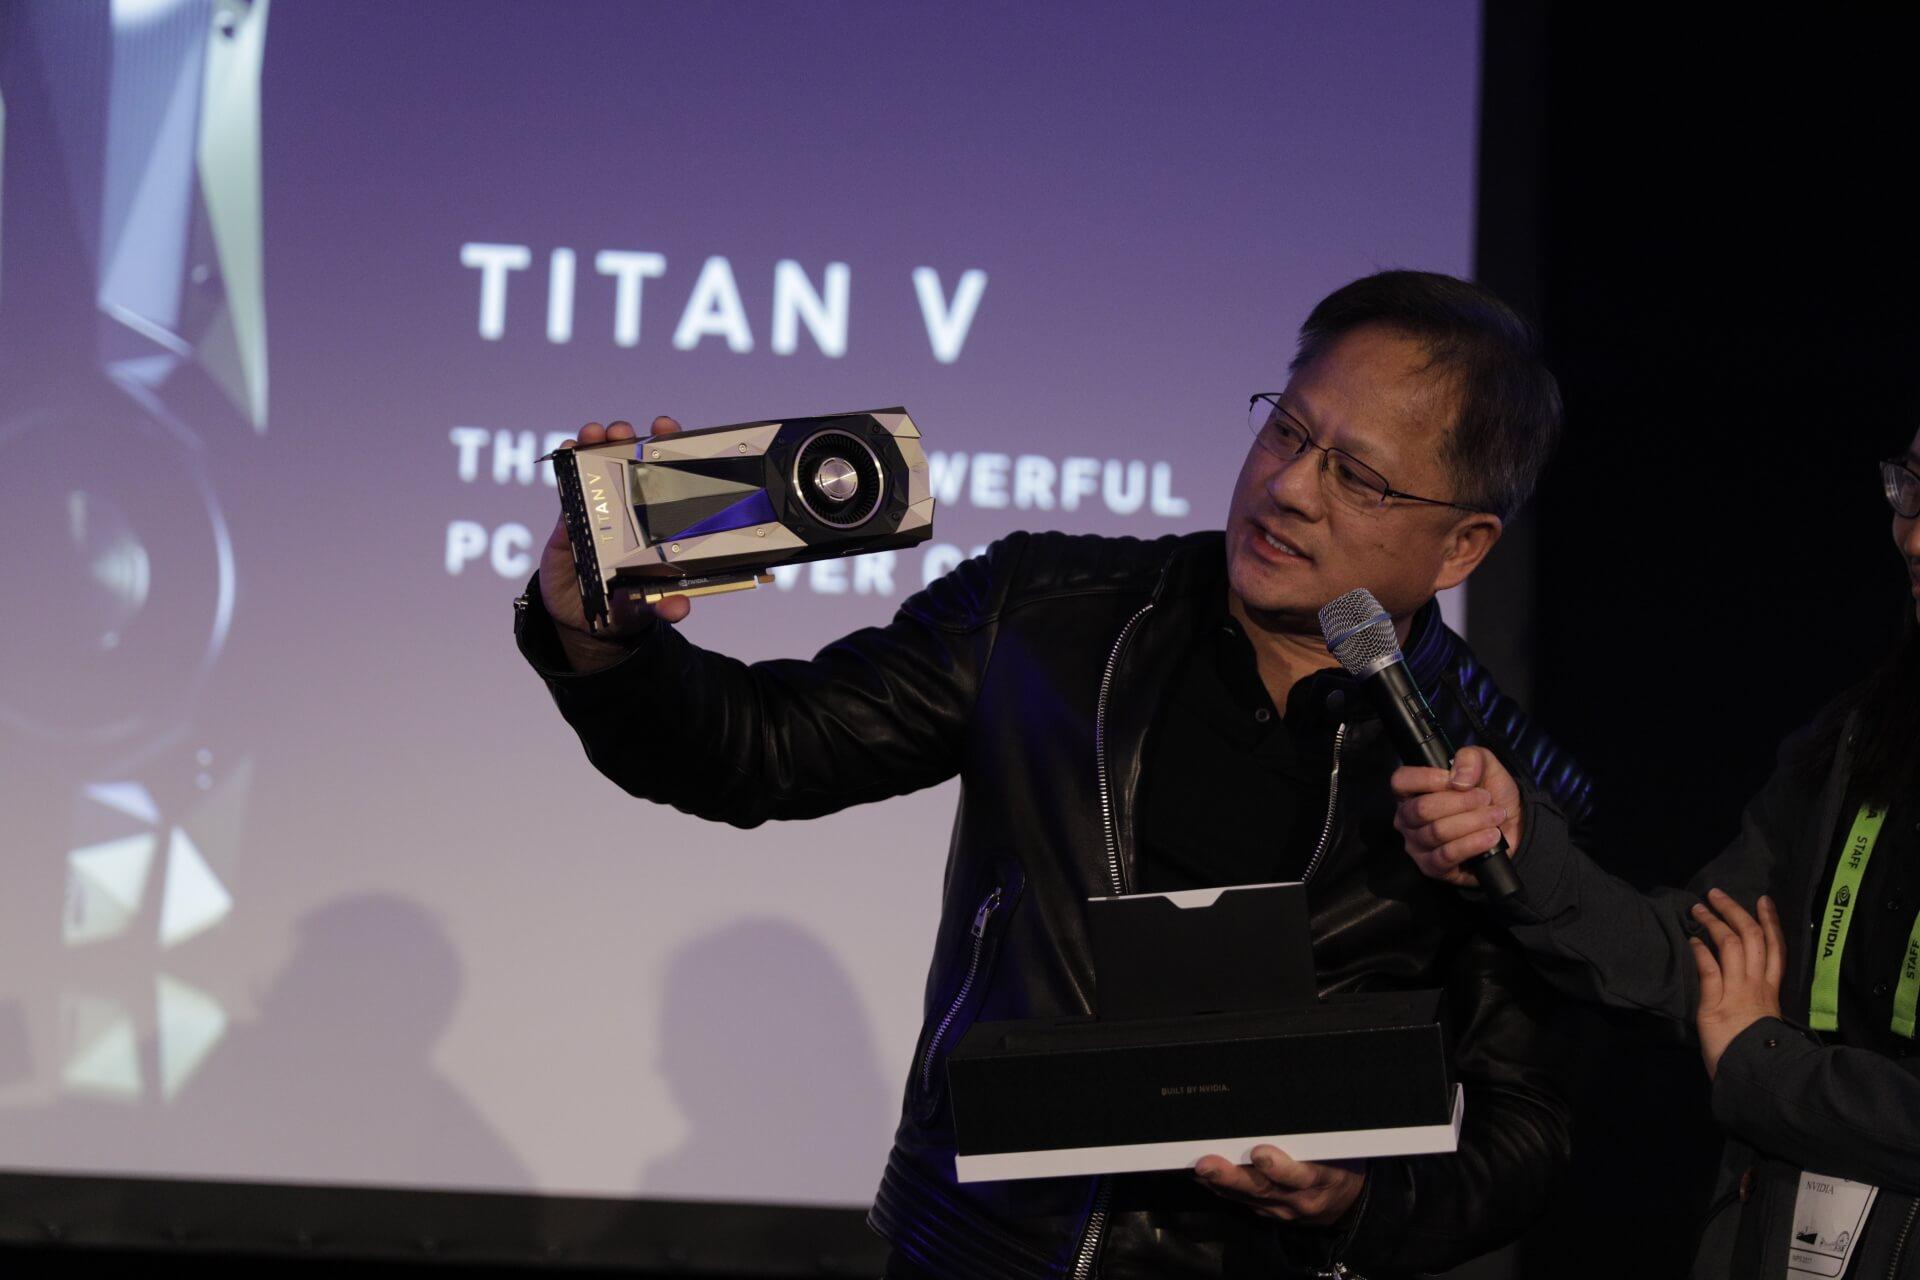 predstavenie novych nvidia GPU - Volta 2080